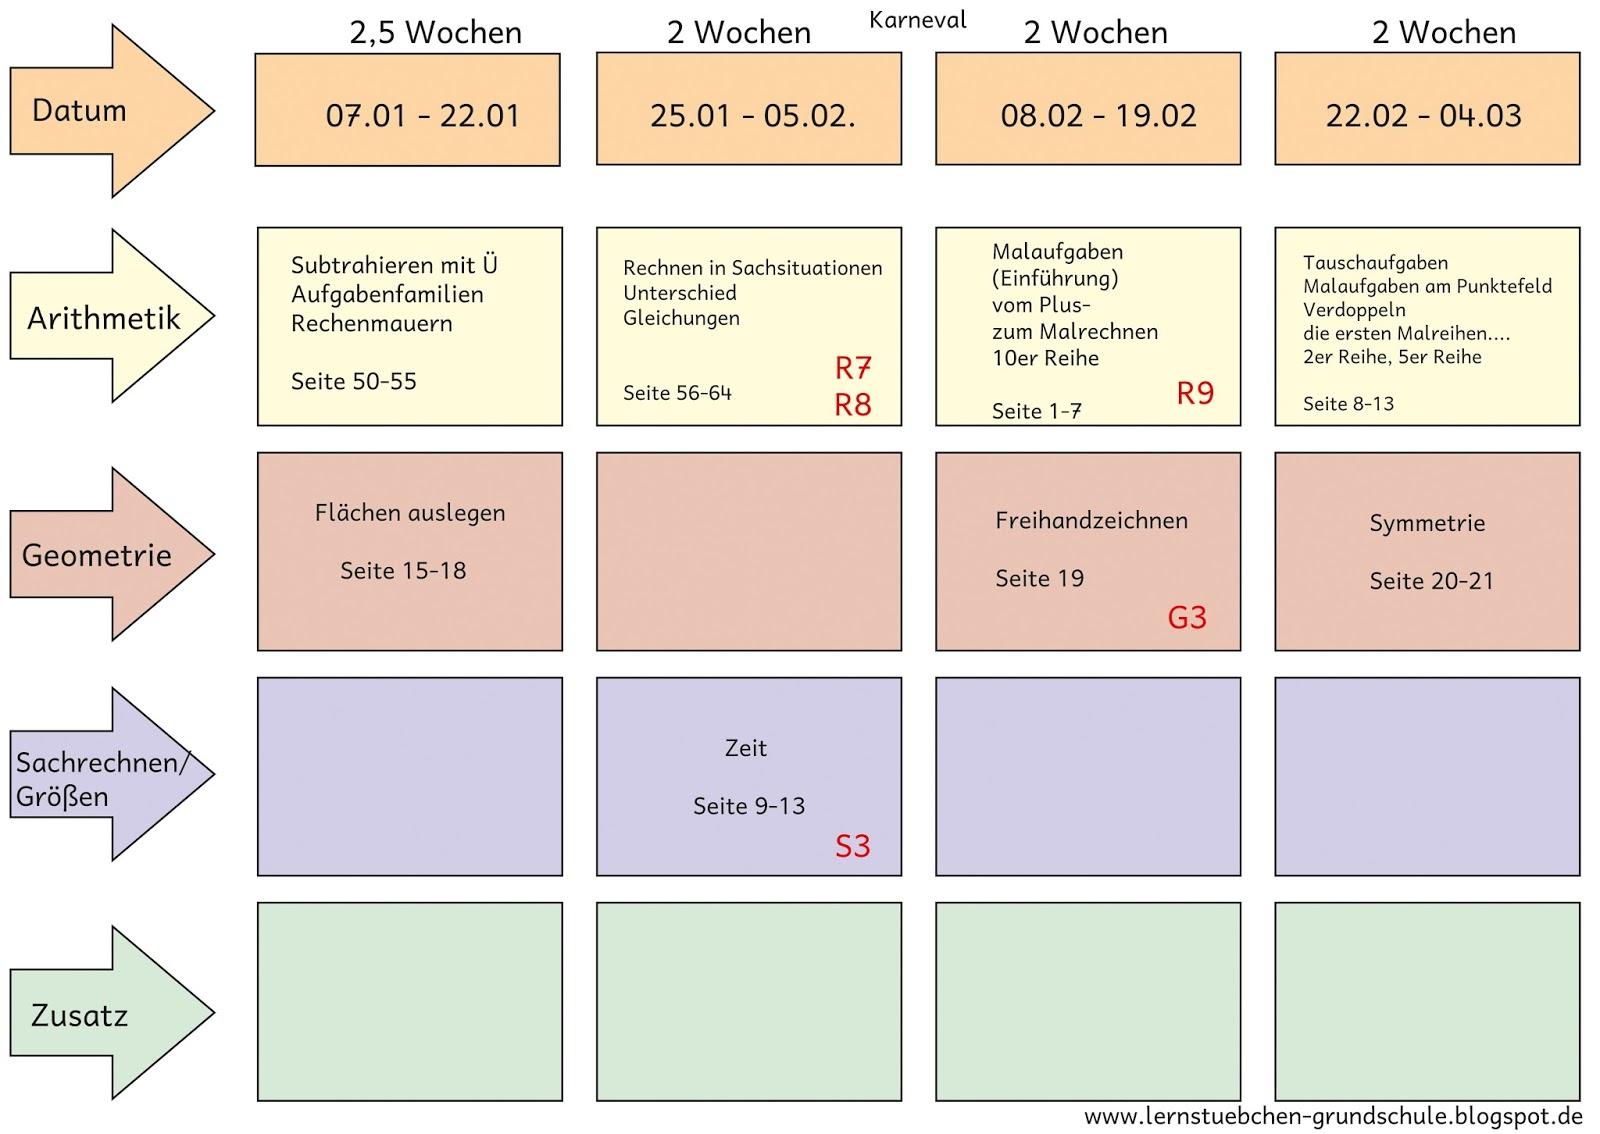 Lernstübchen: mein Jahresarbeitsplan für Mathe in der zweiten Klasse